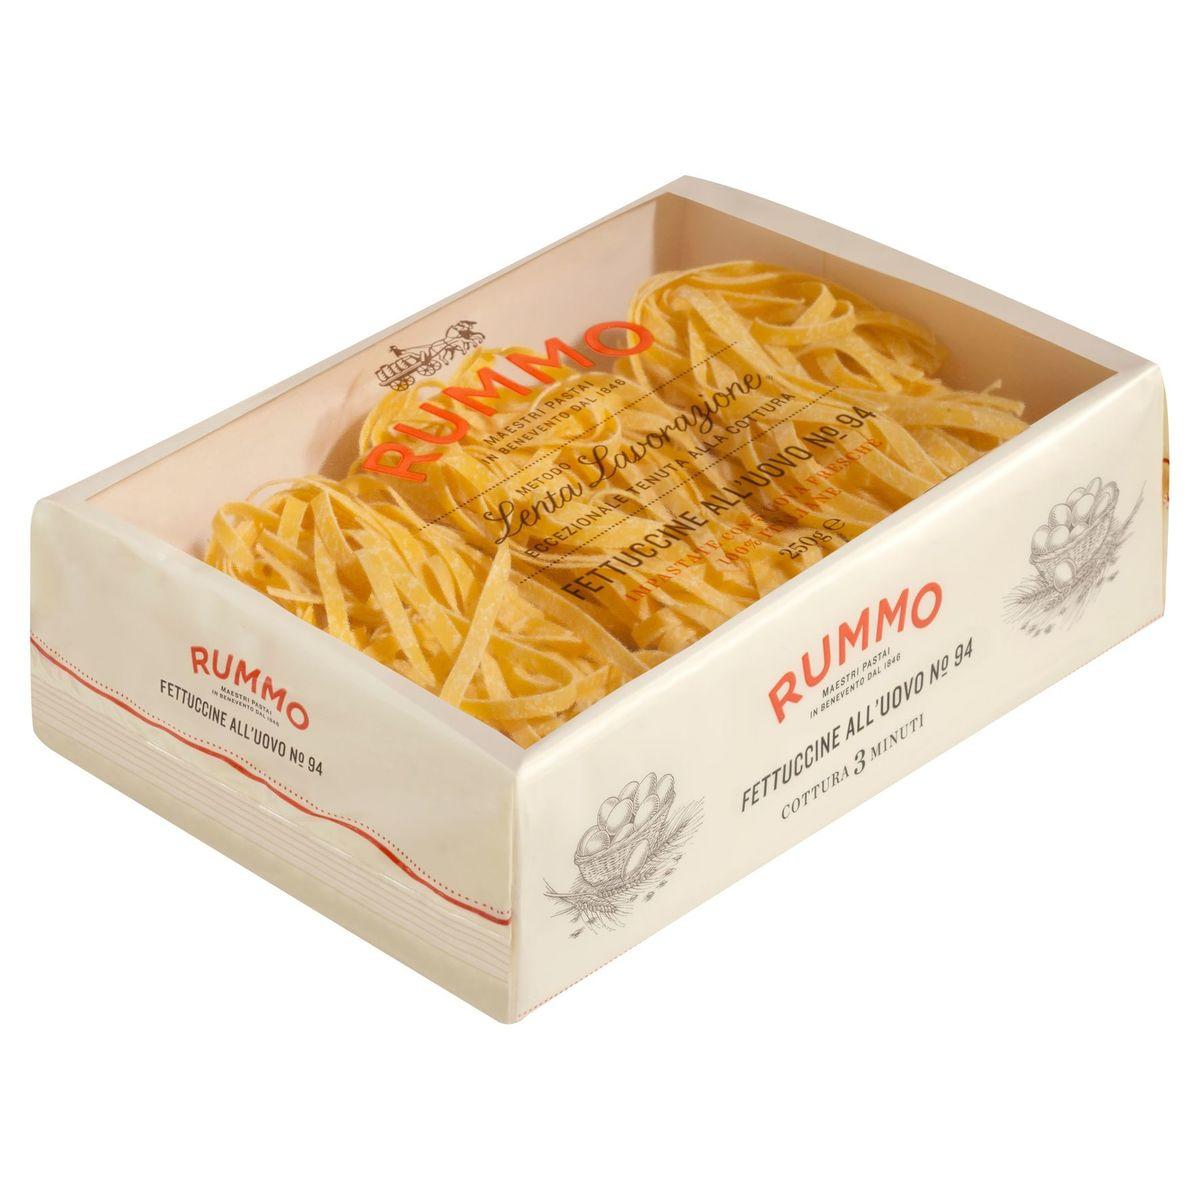 Rummo Fettuccine All'Uovo N° 94 250 g